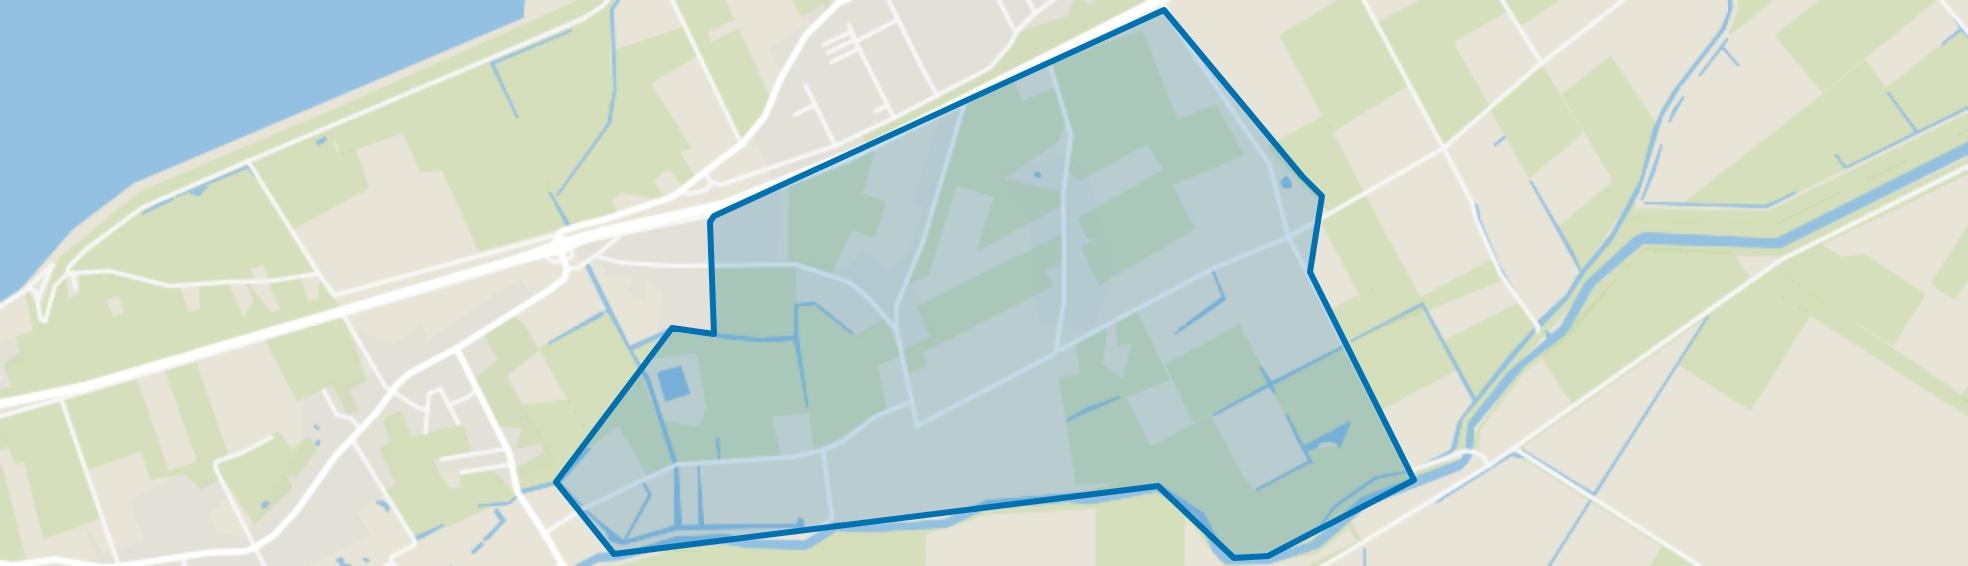 Oosterklief en Westerklief, Hippolytushoef map